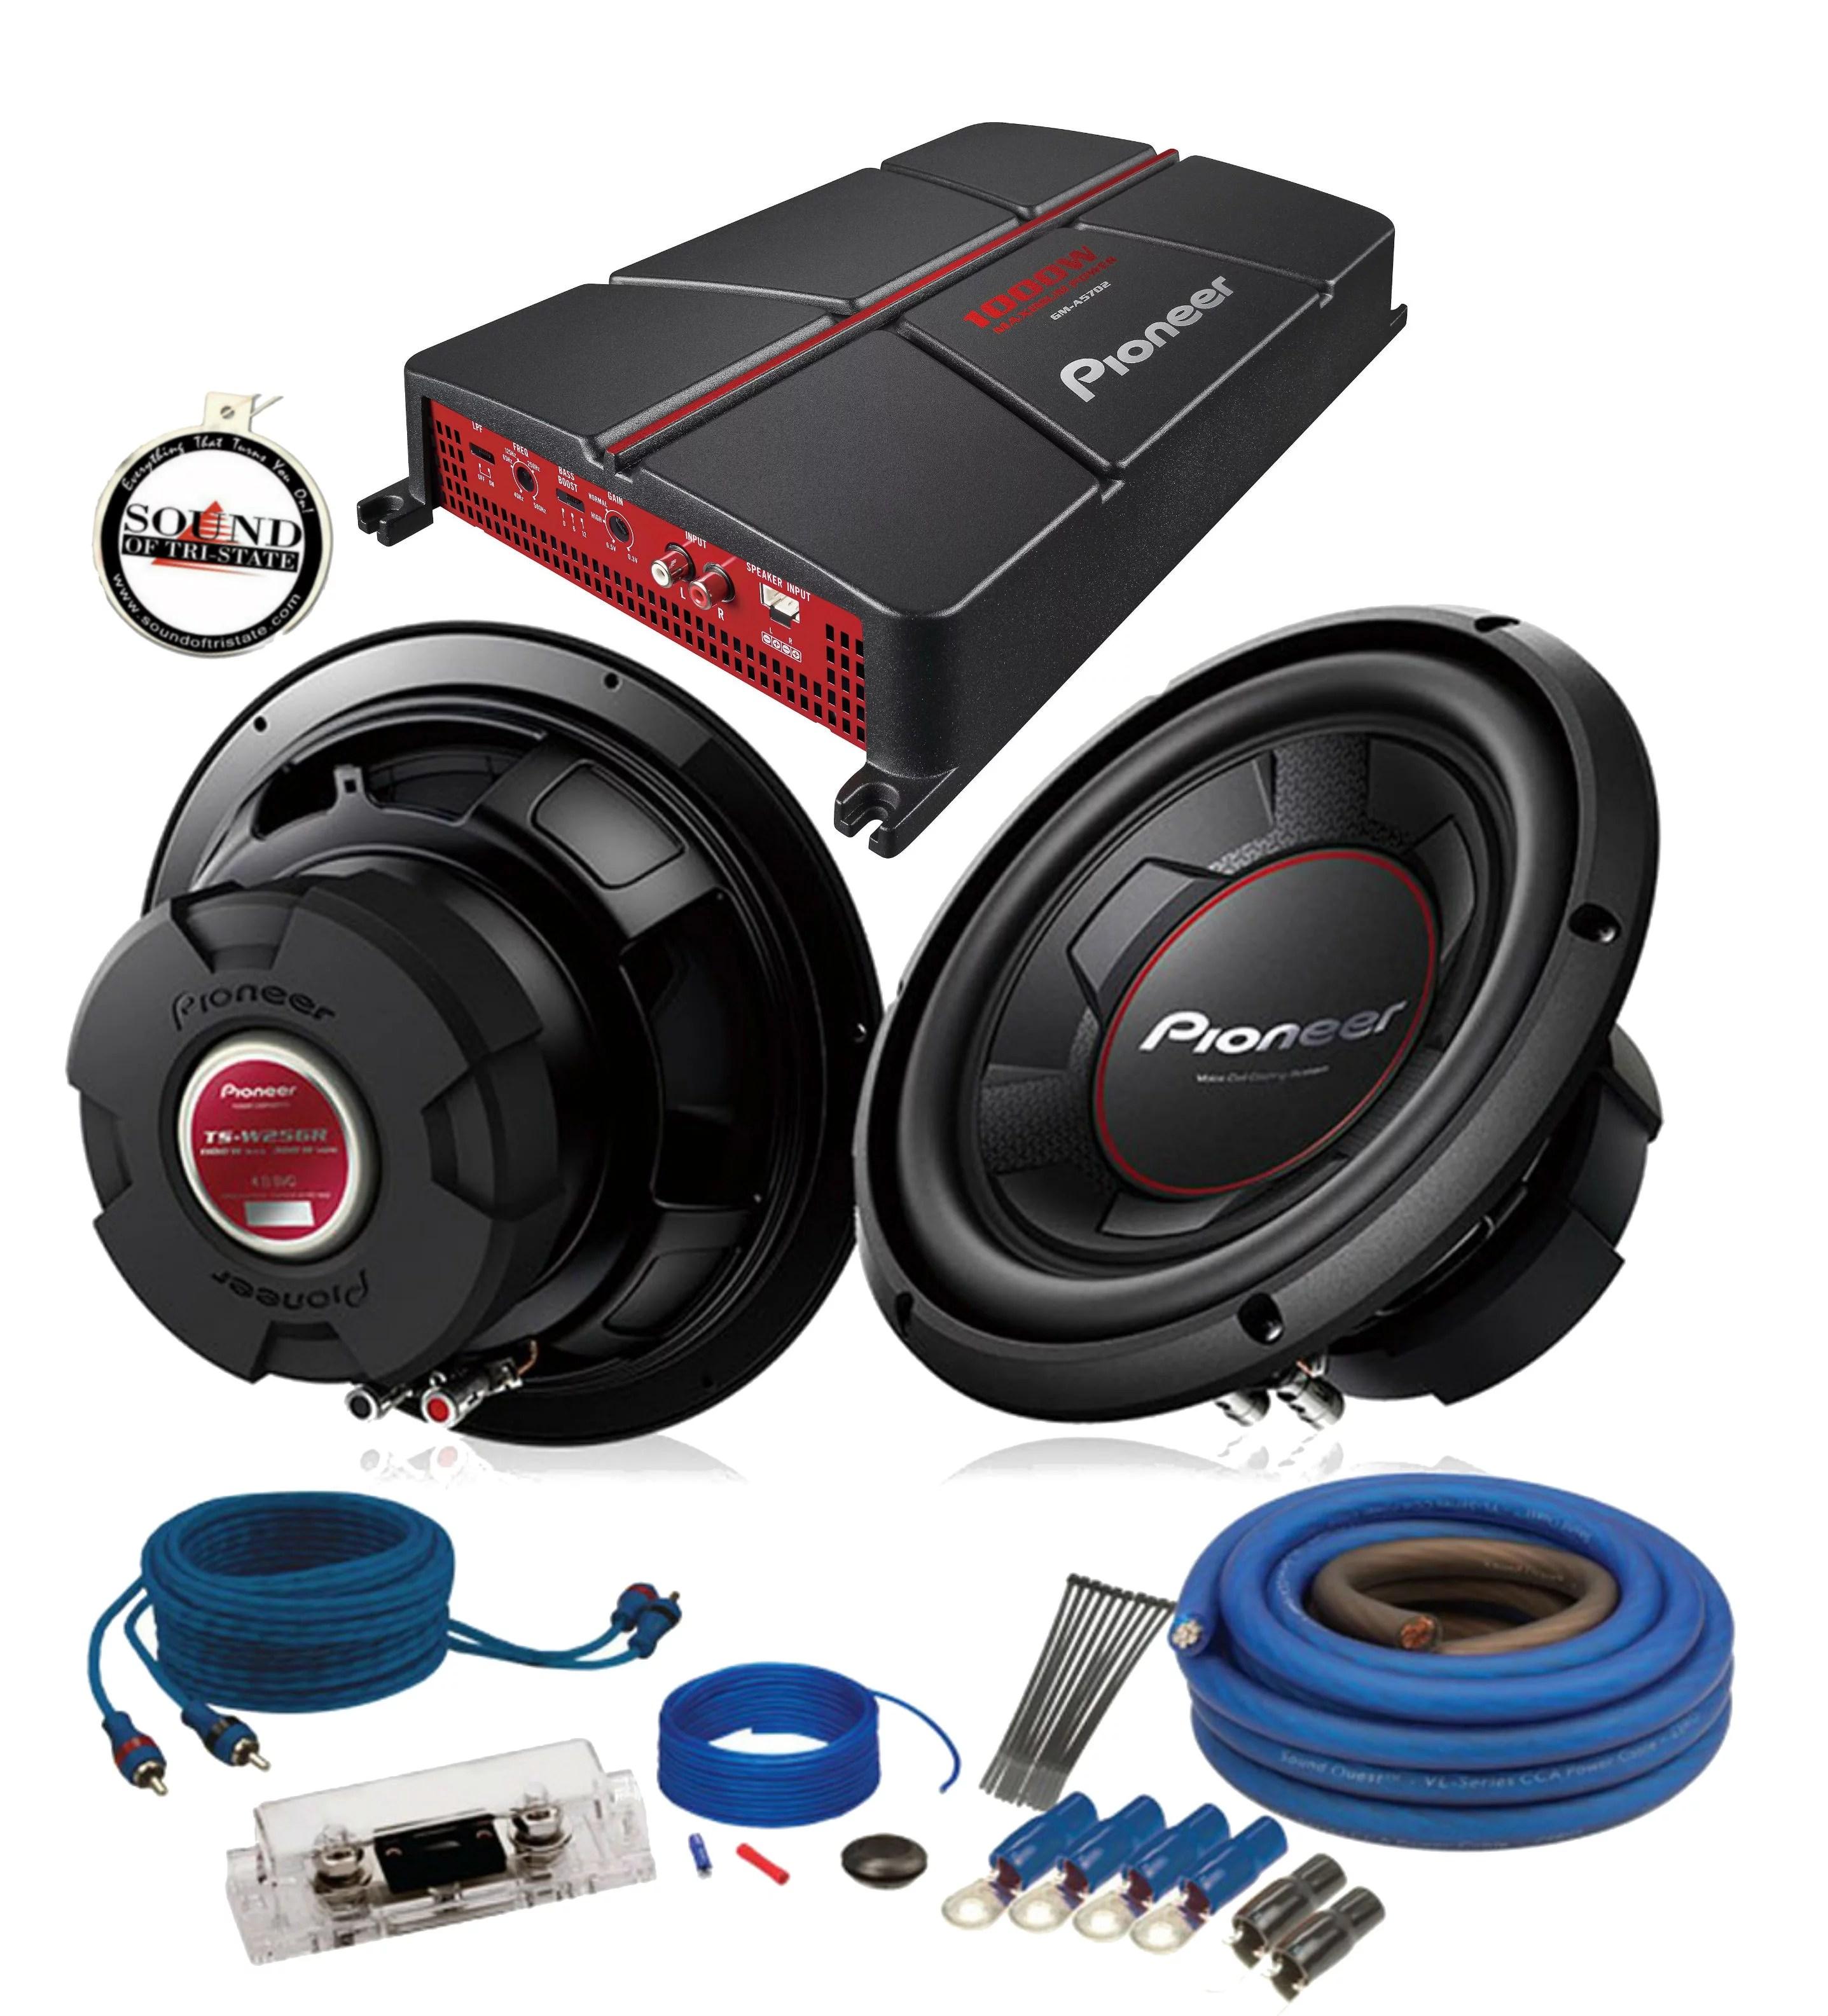 pioneer gm a5702 w two ts w256r amp wiring kit walmart com car audio wiring kit walmart [ 2874 x 3170 Pixel ]